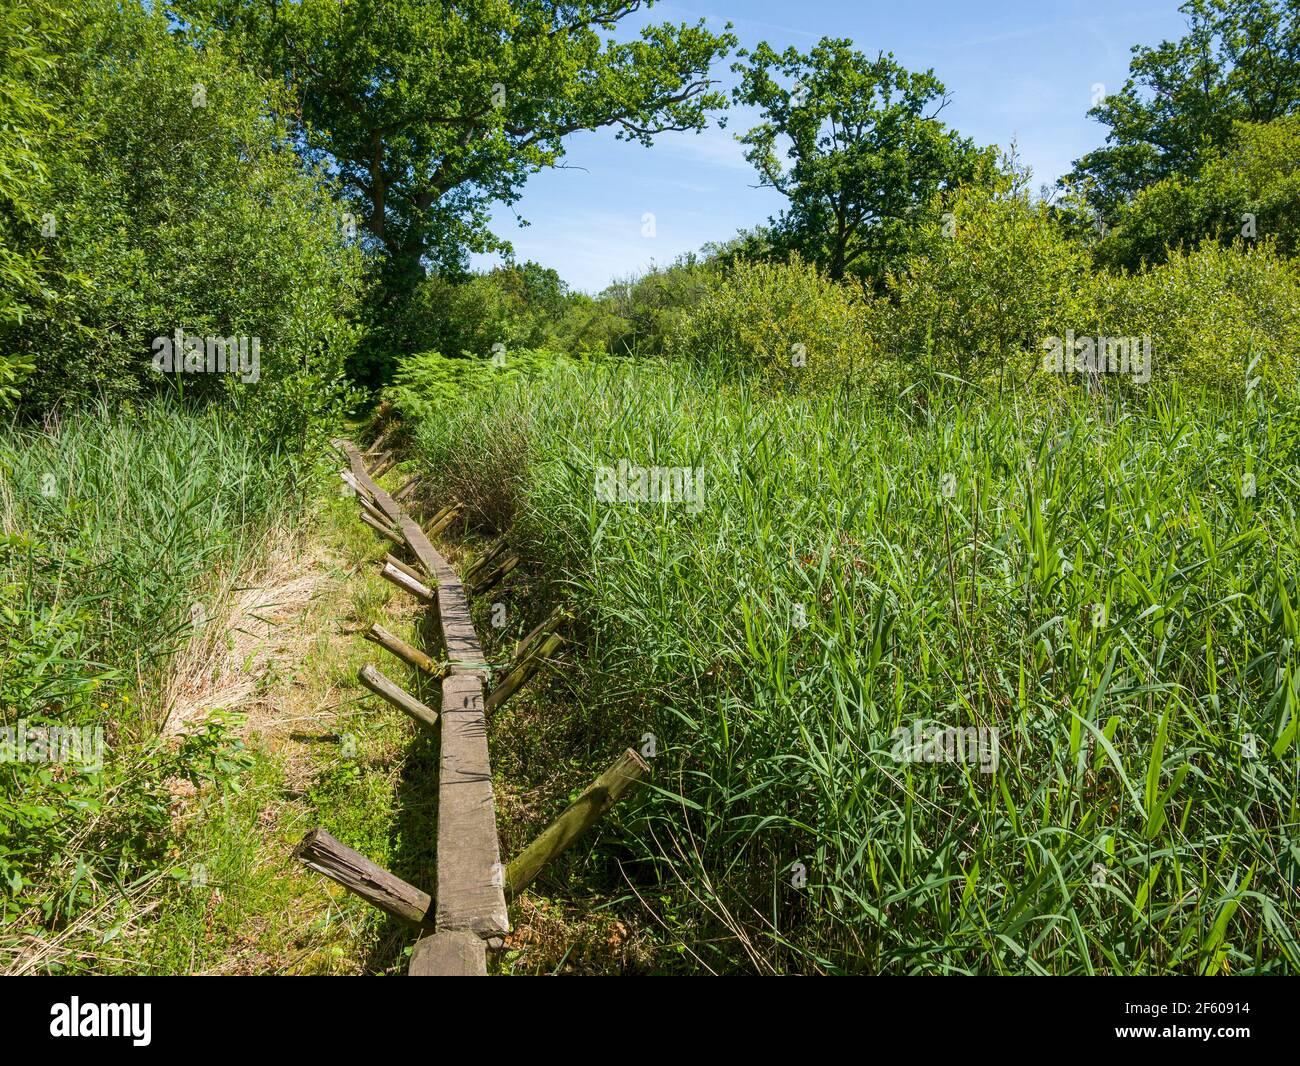 Una réplica del humedal Neolítico Sweet Track en la Reserva Natural Nacional de Shapwick Heath, parte de los Alguaciles Avalon en Somerset, Inglaterra. Foto de stock